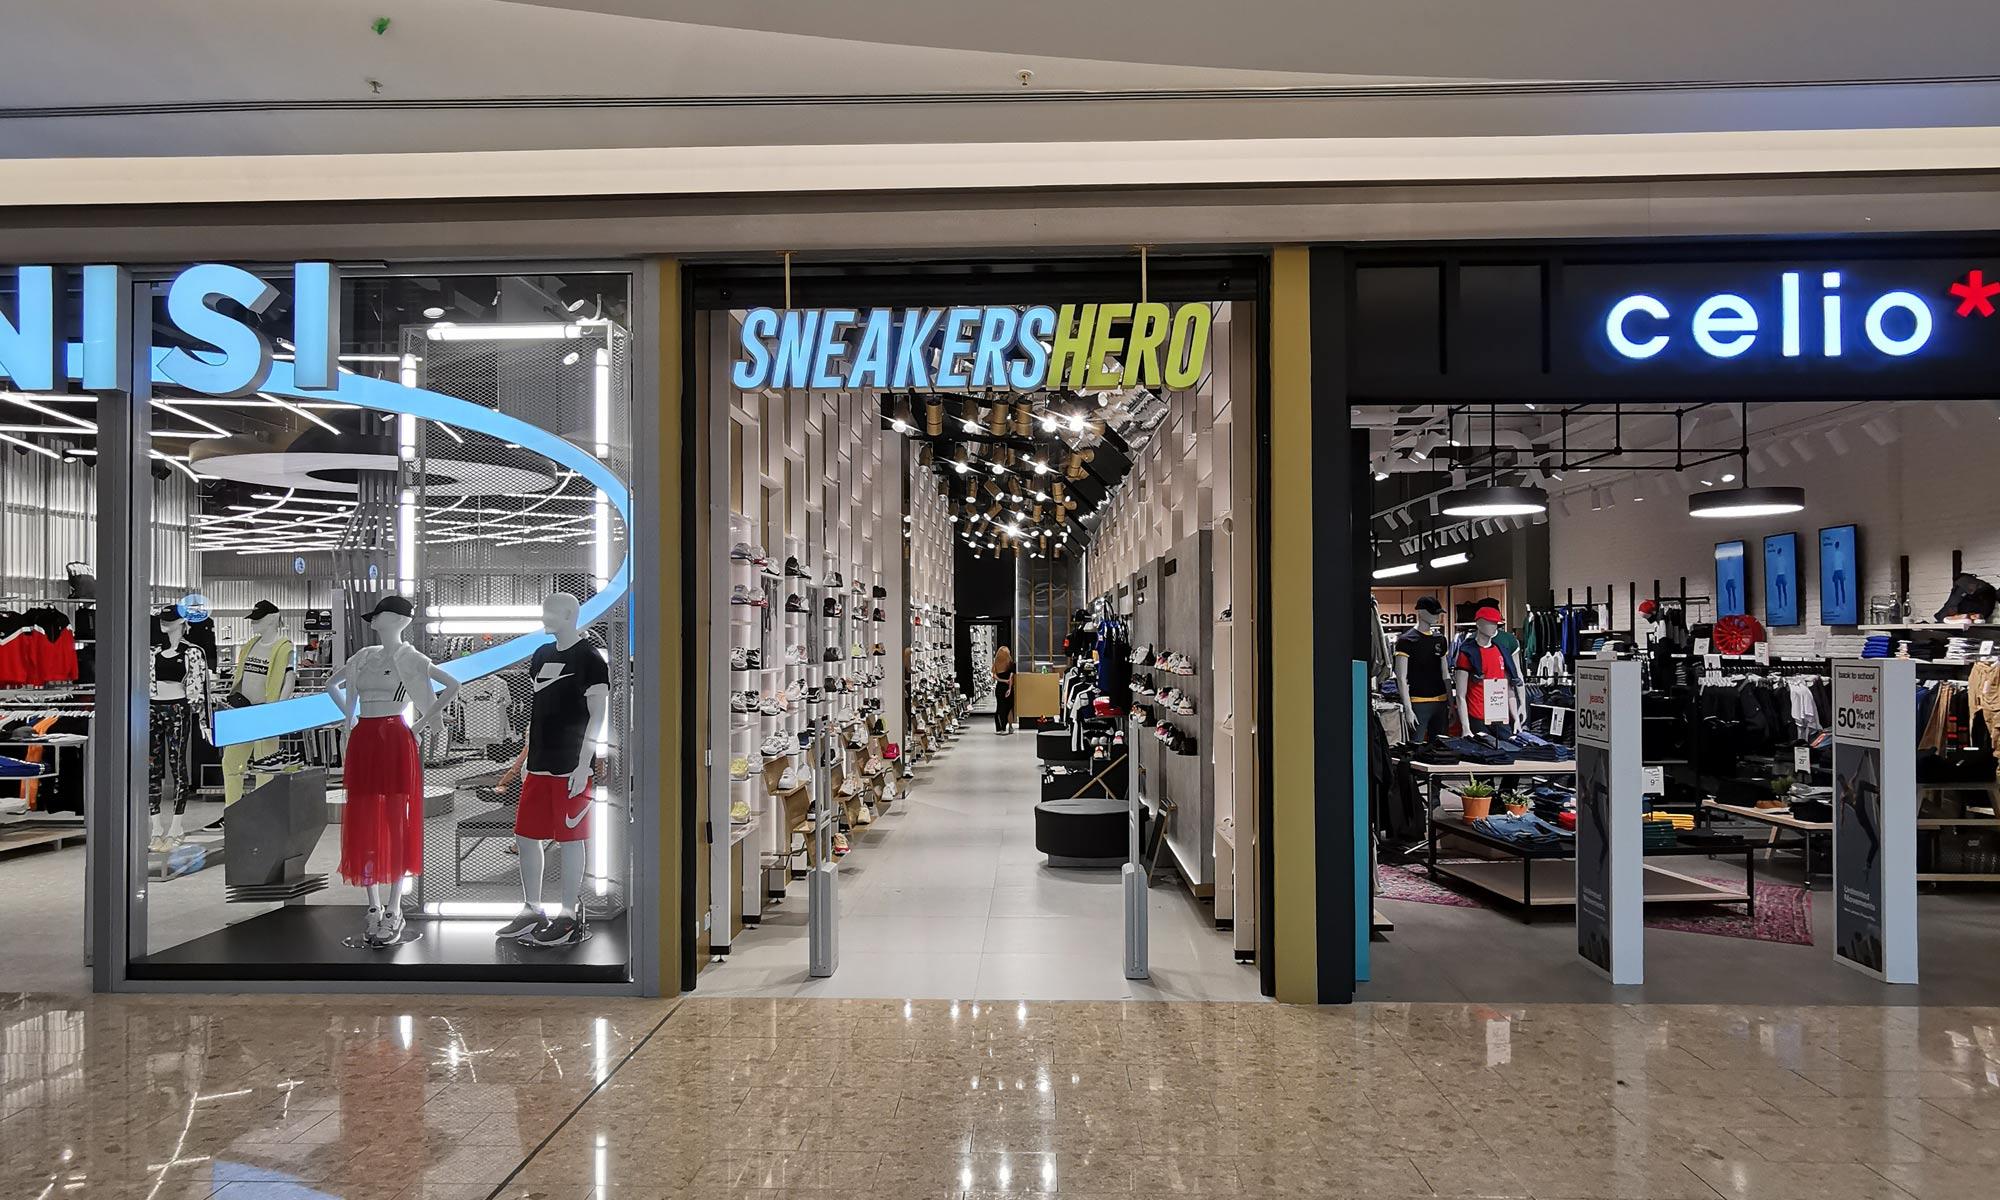 https://www.atelierzoz.com/wp-content/uploads/2020/03/works_atelierzoz_sneakershero-nicosia-7.jpg